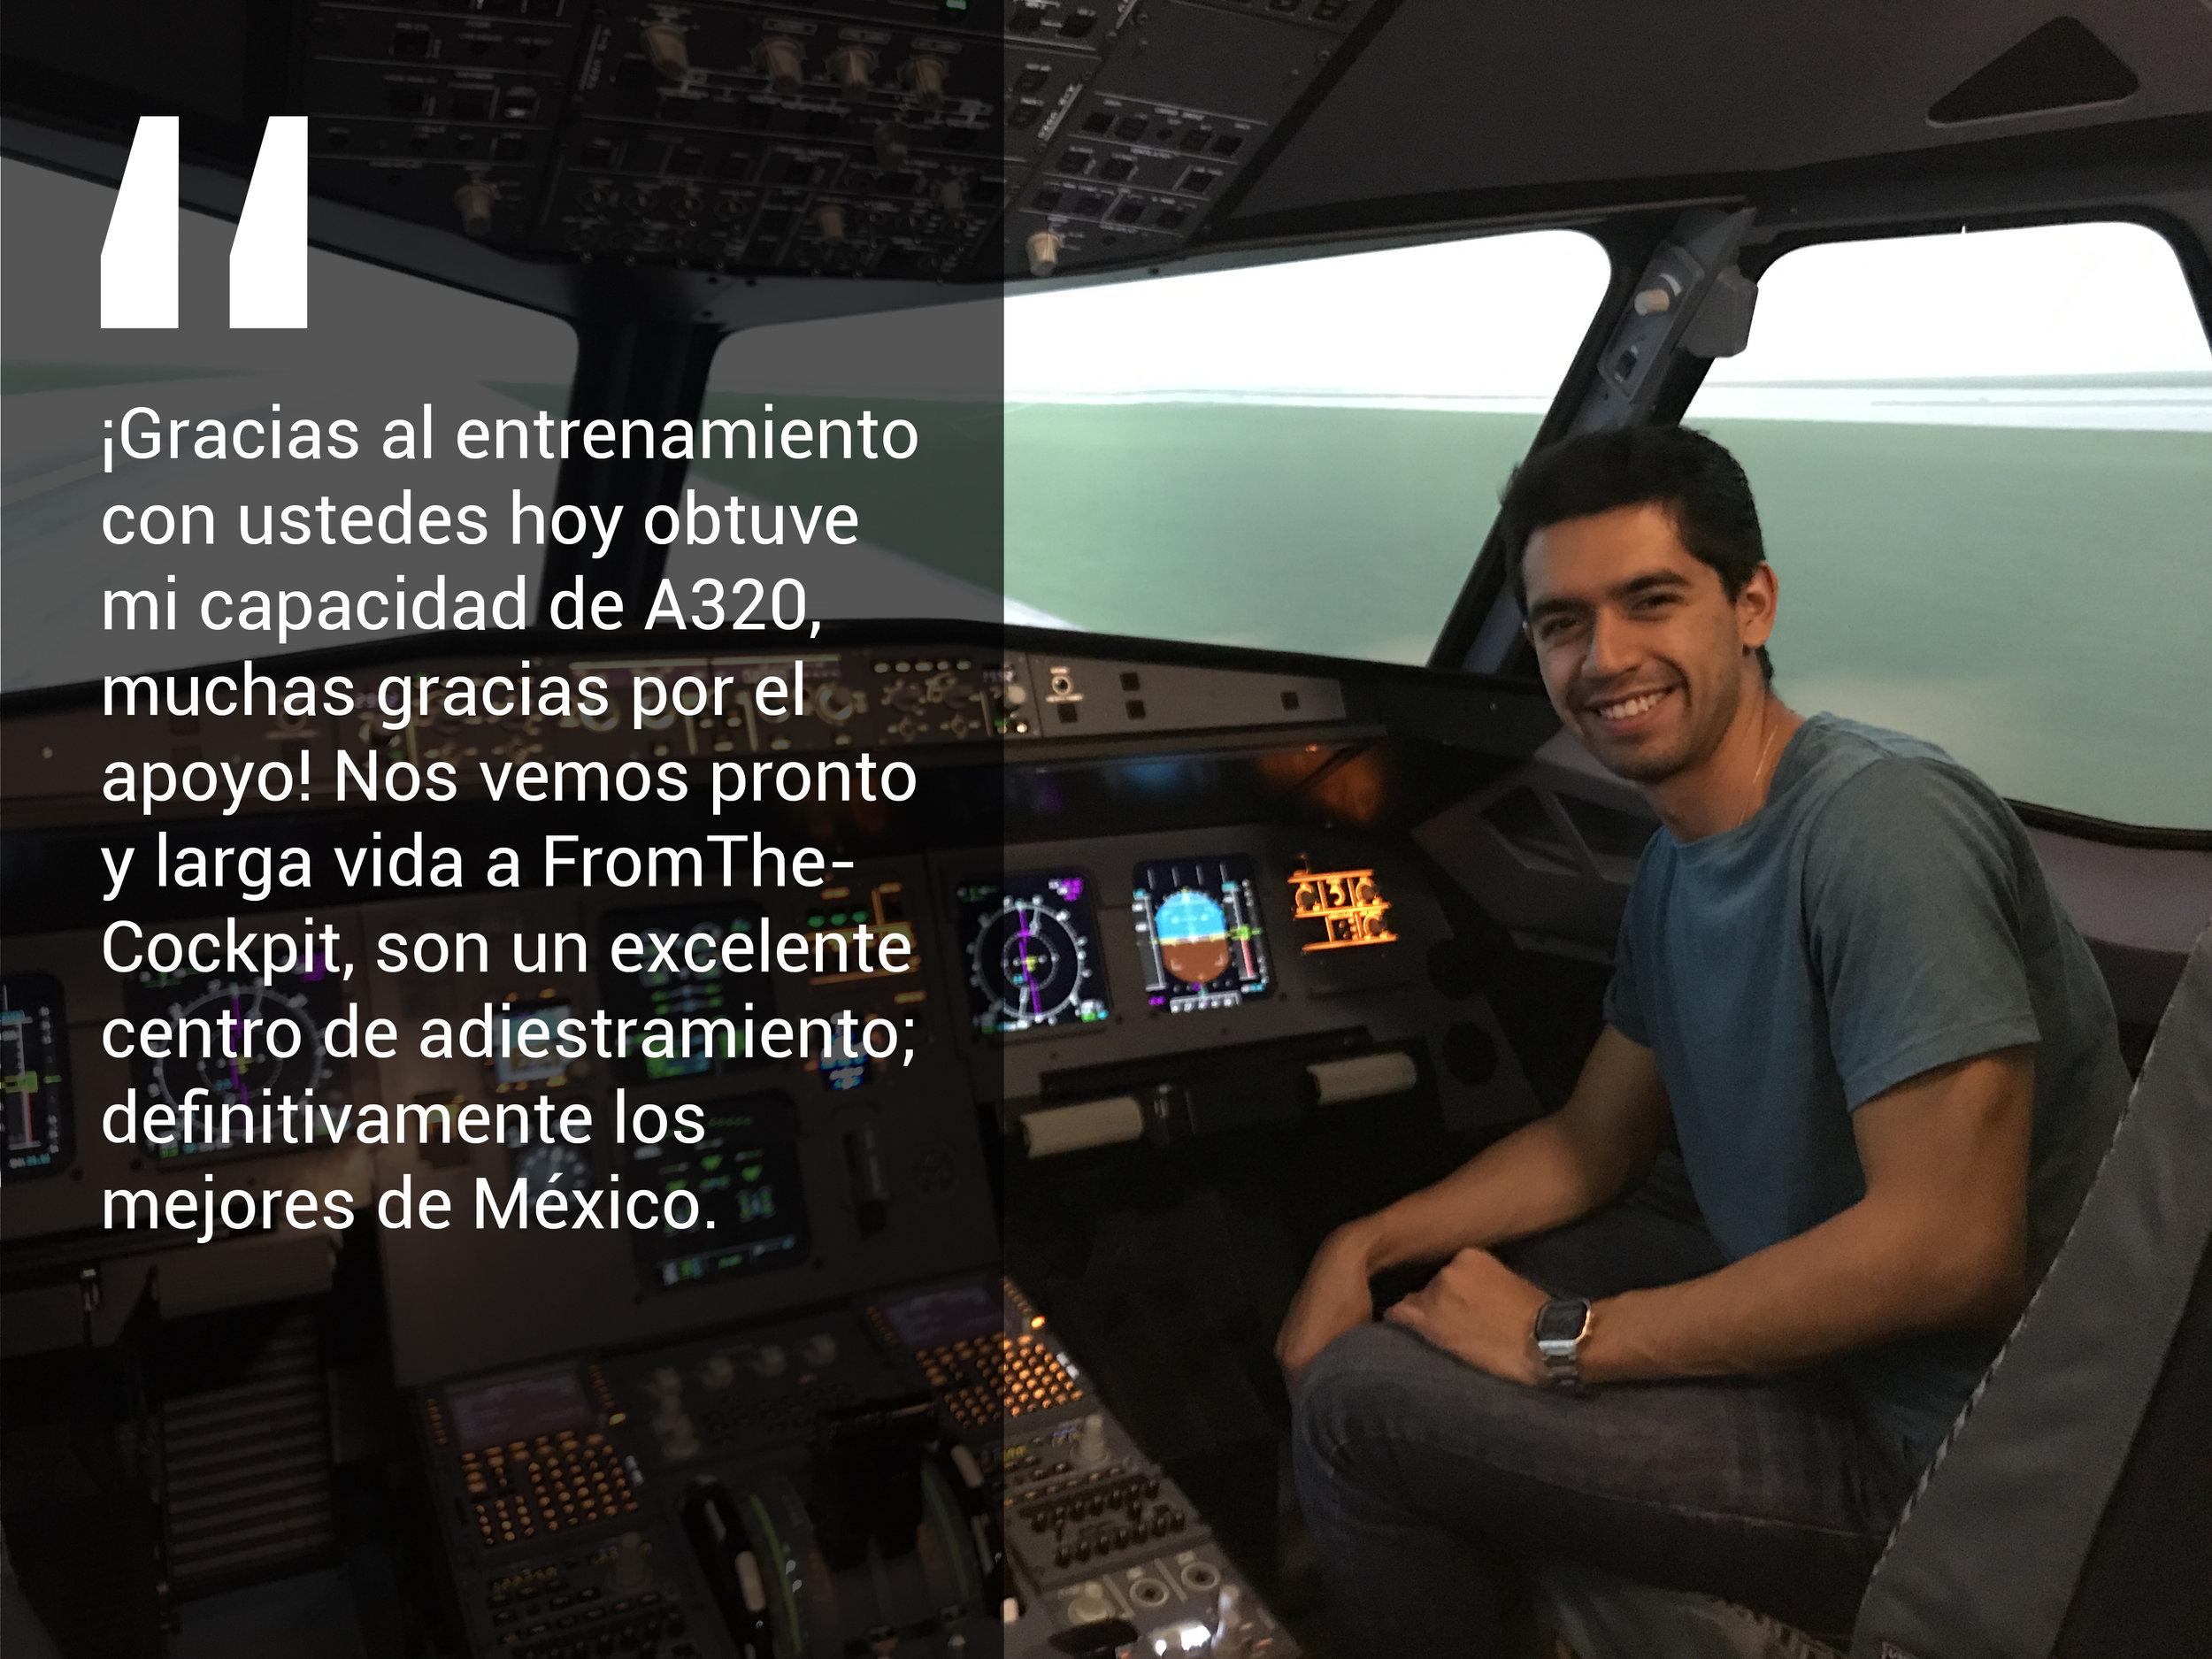 piloto 1.jpg